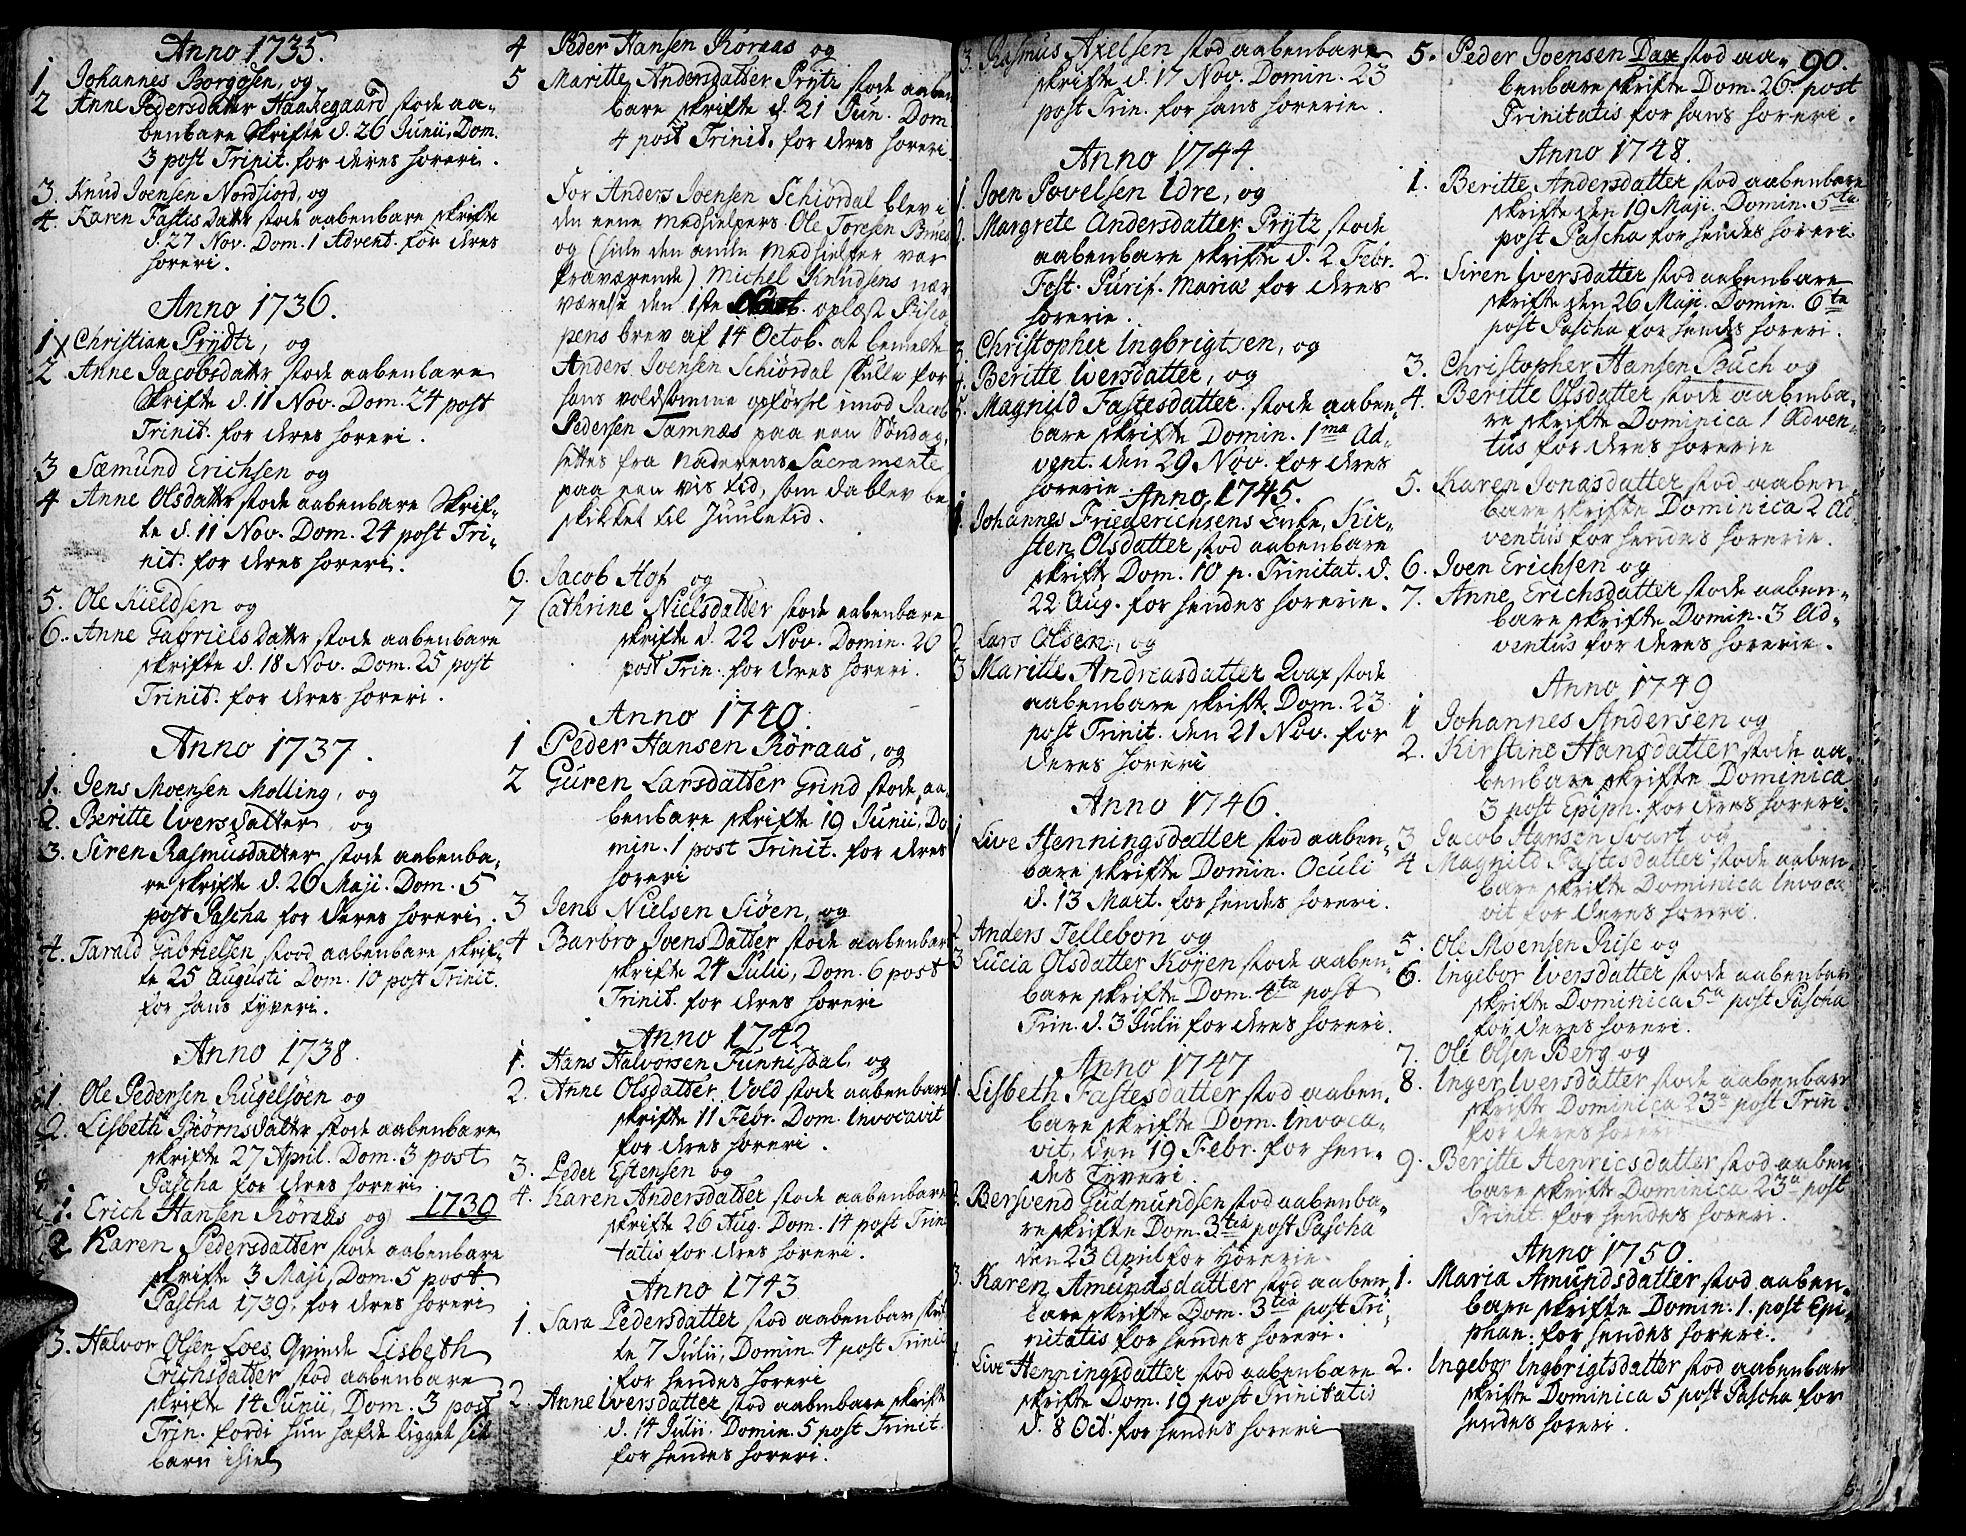 SAT, Ministerialprotokoller, klokkerbøker og fødselsregistre - Sør-Trøndelag, 681/L0925: Ministerialbok nr. 681A03, 1727-1766, s. 90